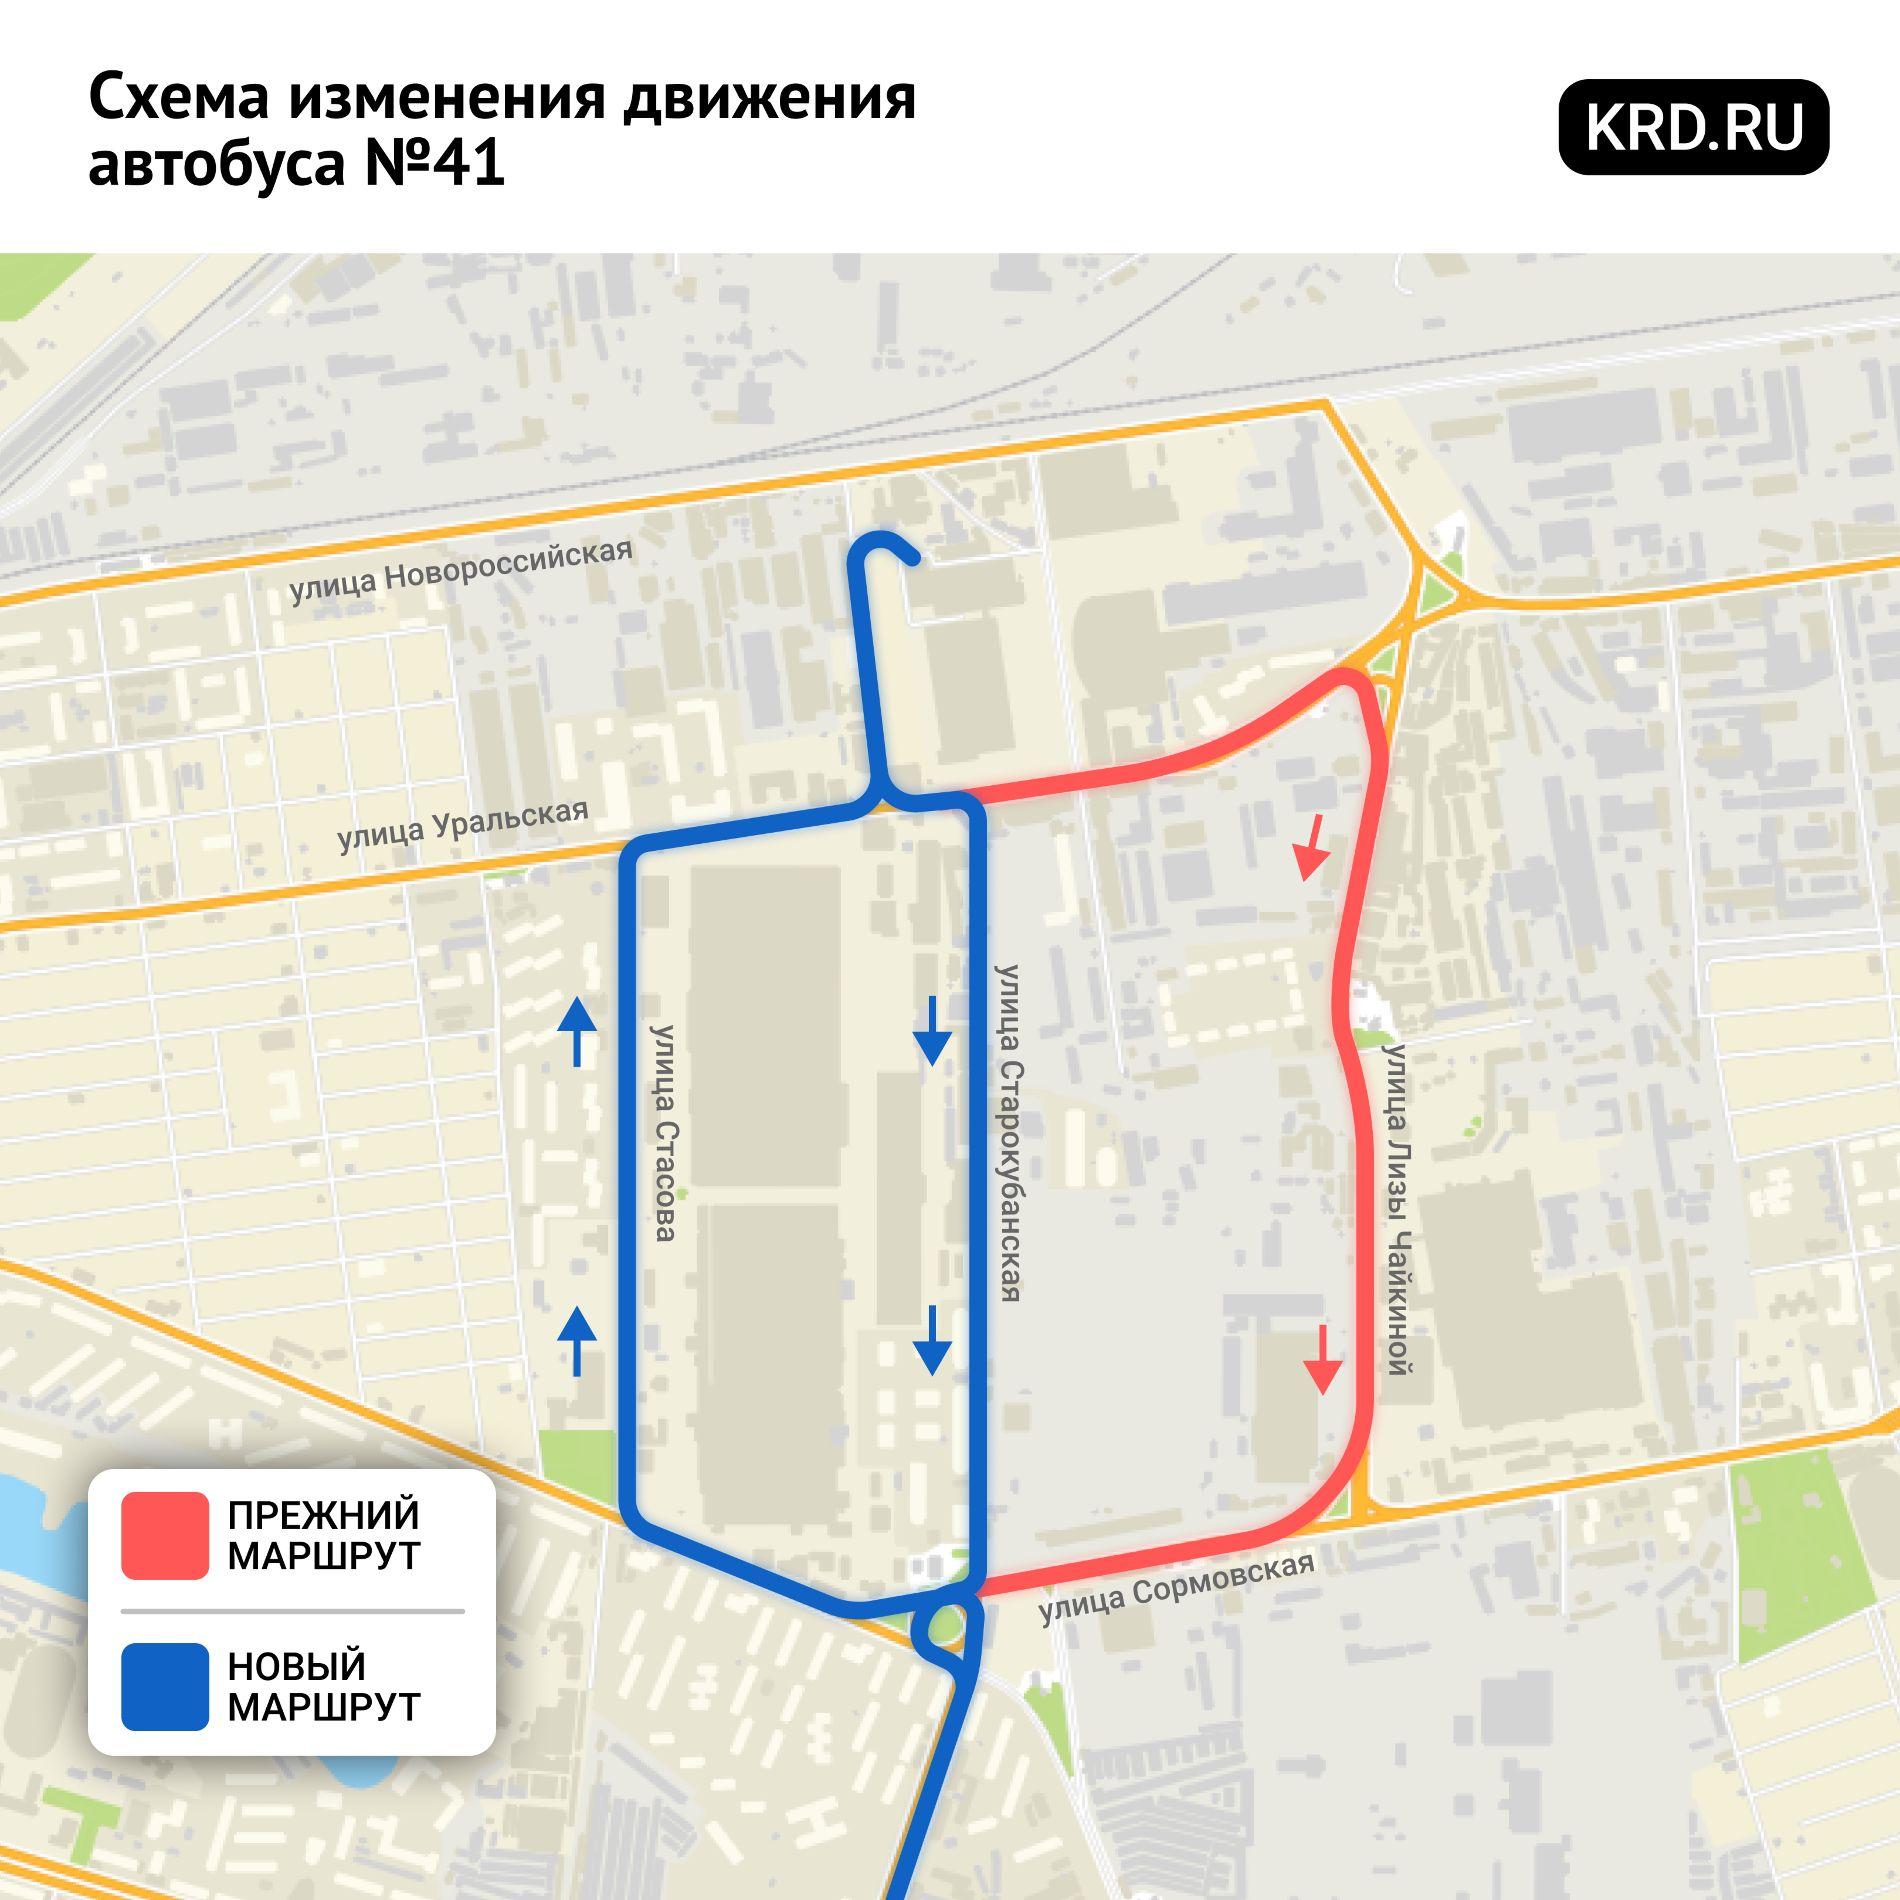 Временная схема маршрута автобуса № 41 ©Графика пресс-службы администрации Краснодара